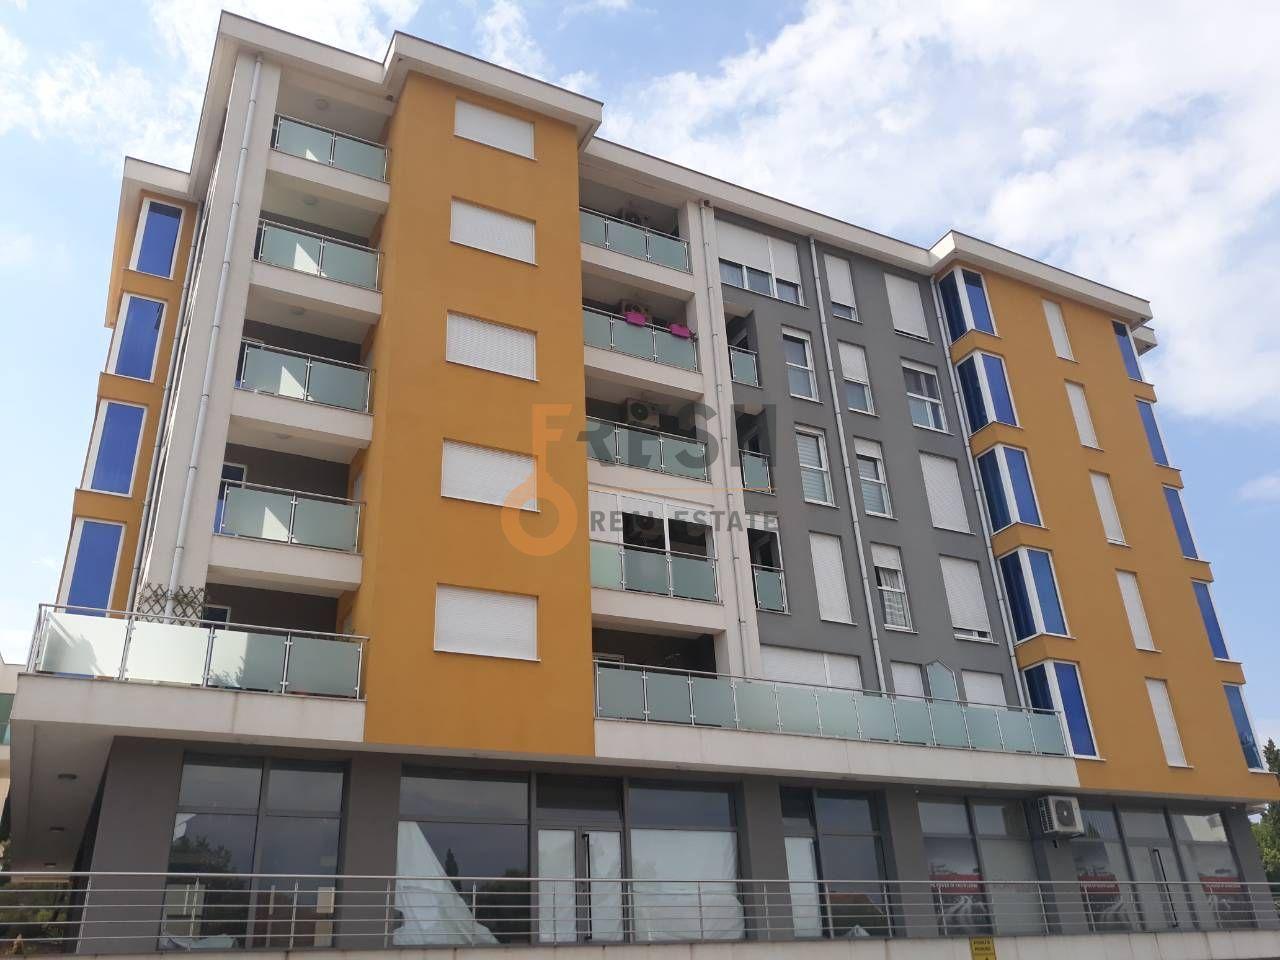 Lux jednosoban stan, 52m2, Ljubović, Izdavanje - 1